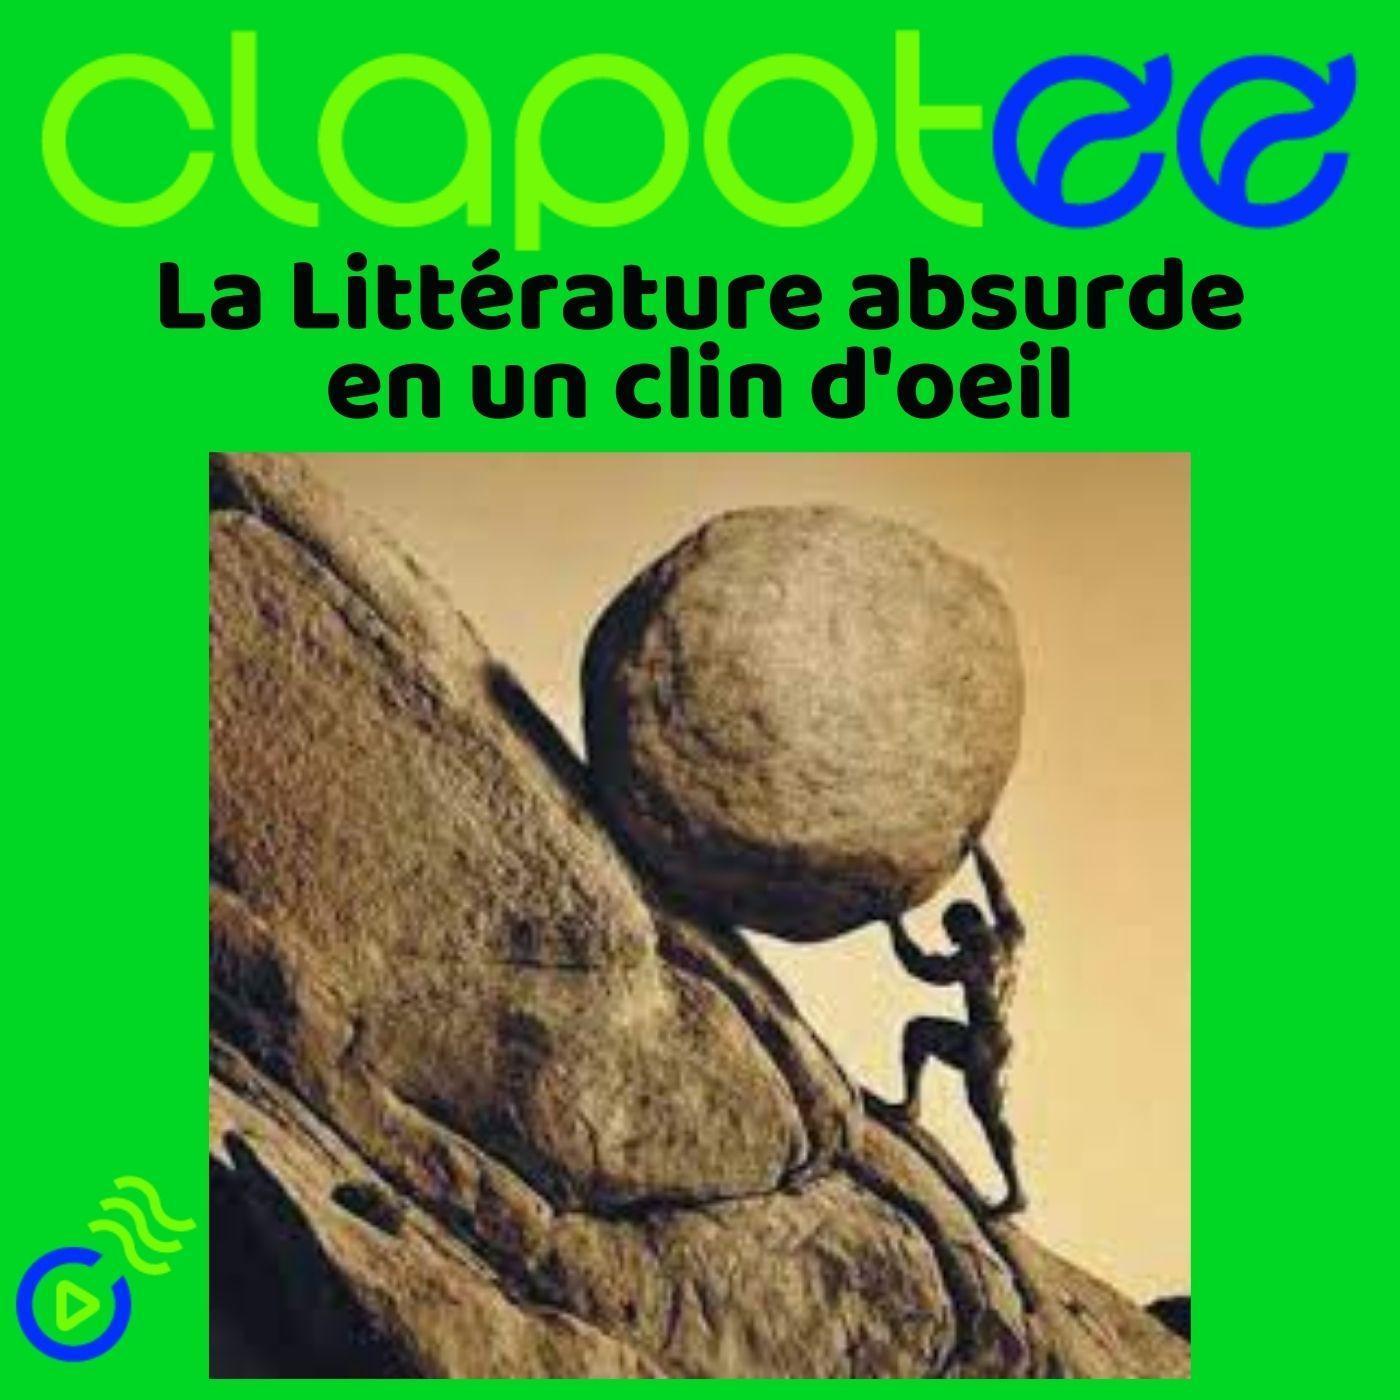 La littérature absurde en un clin d'oeil !